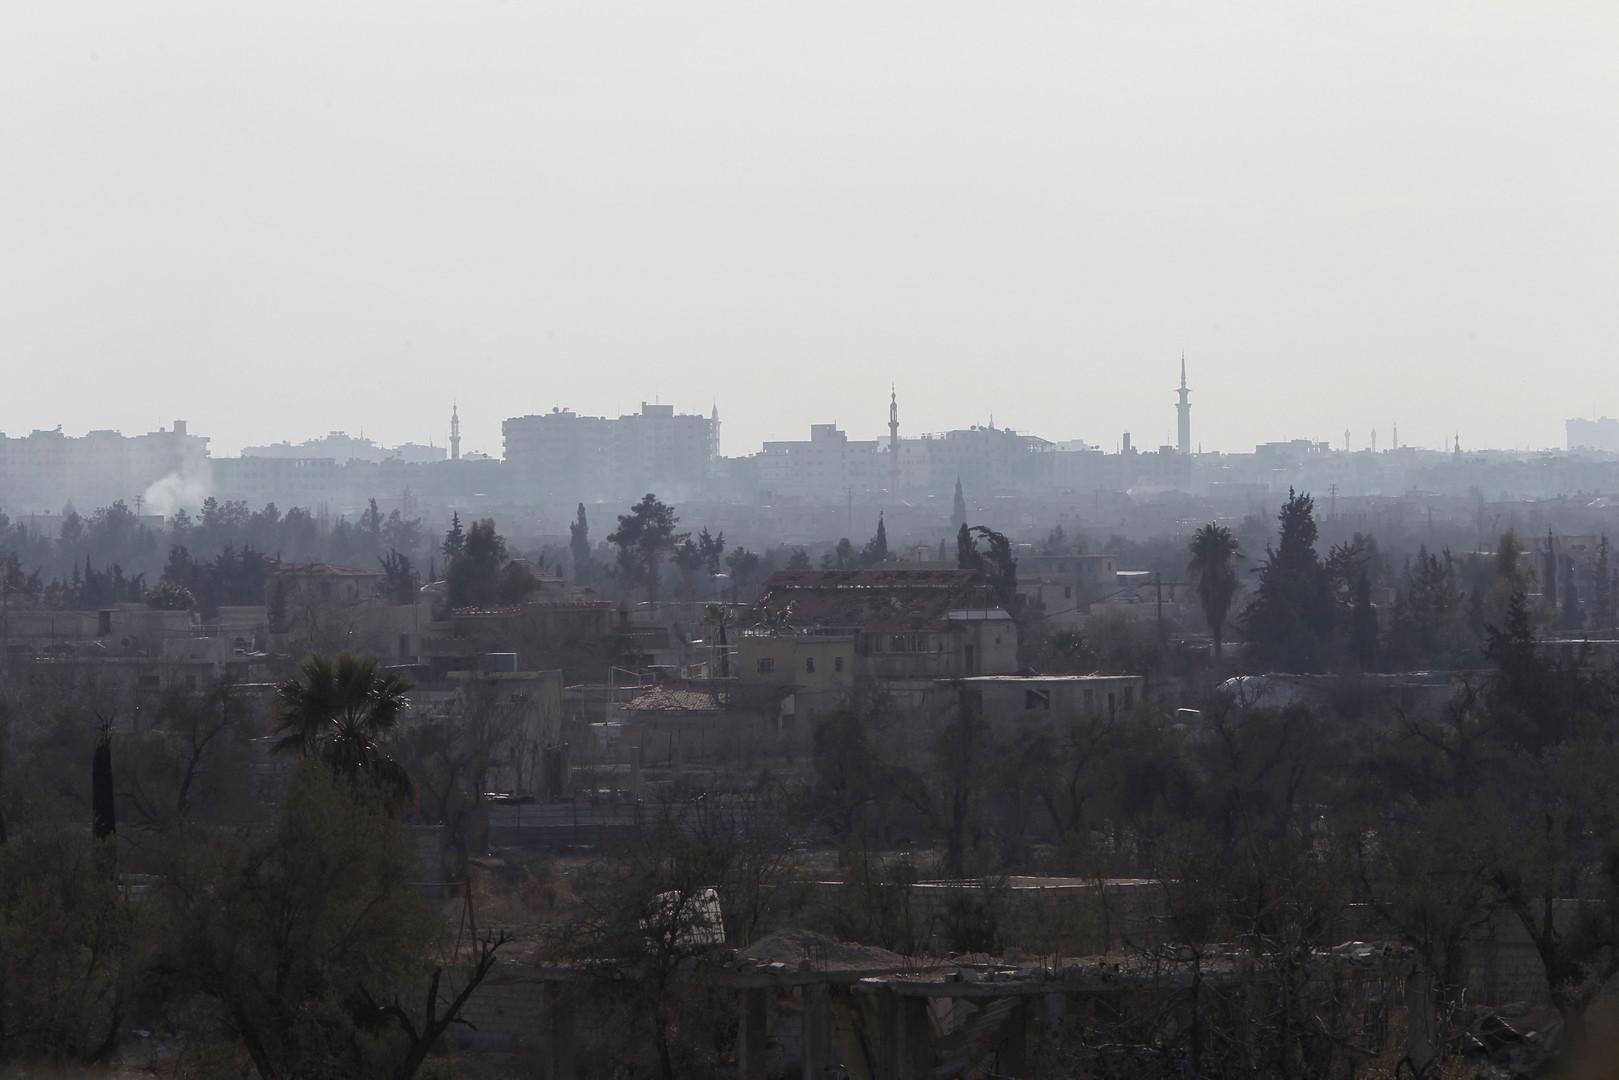 موسكو تقدم معطيات إضافية عن الهجوم المزعوم بالكيميائي في دوما